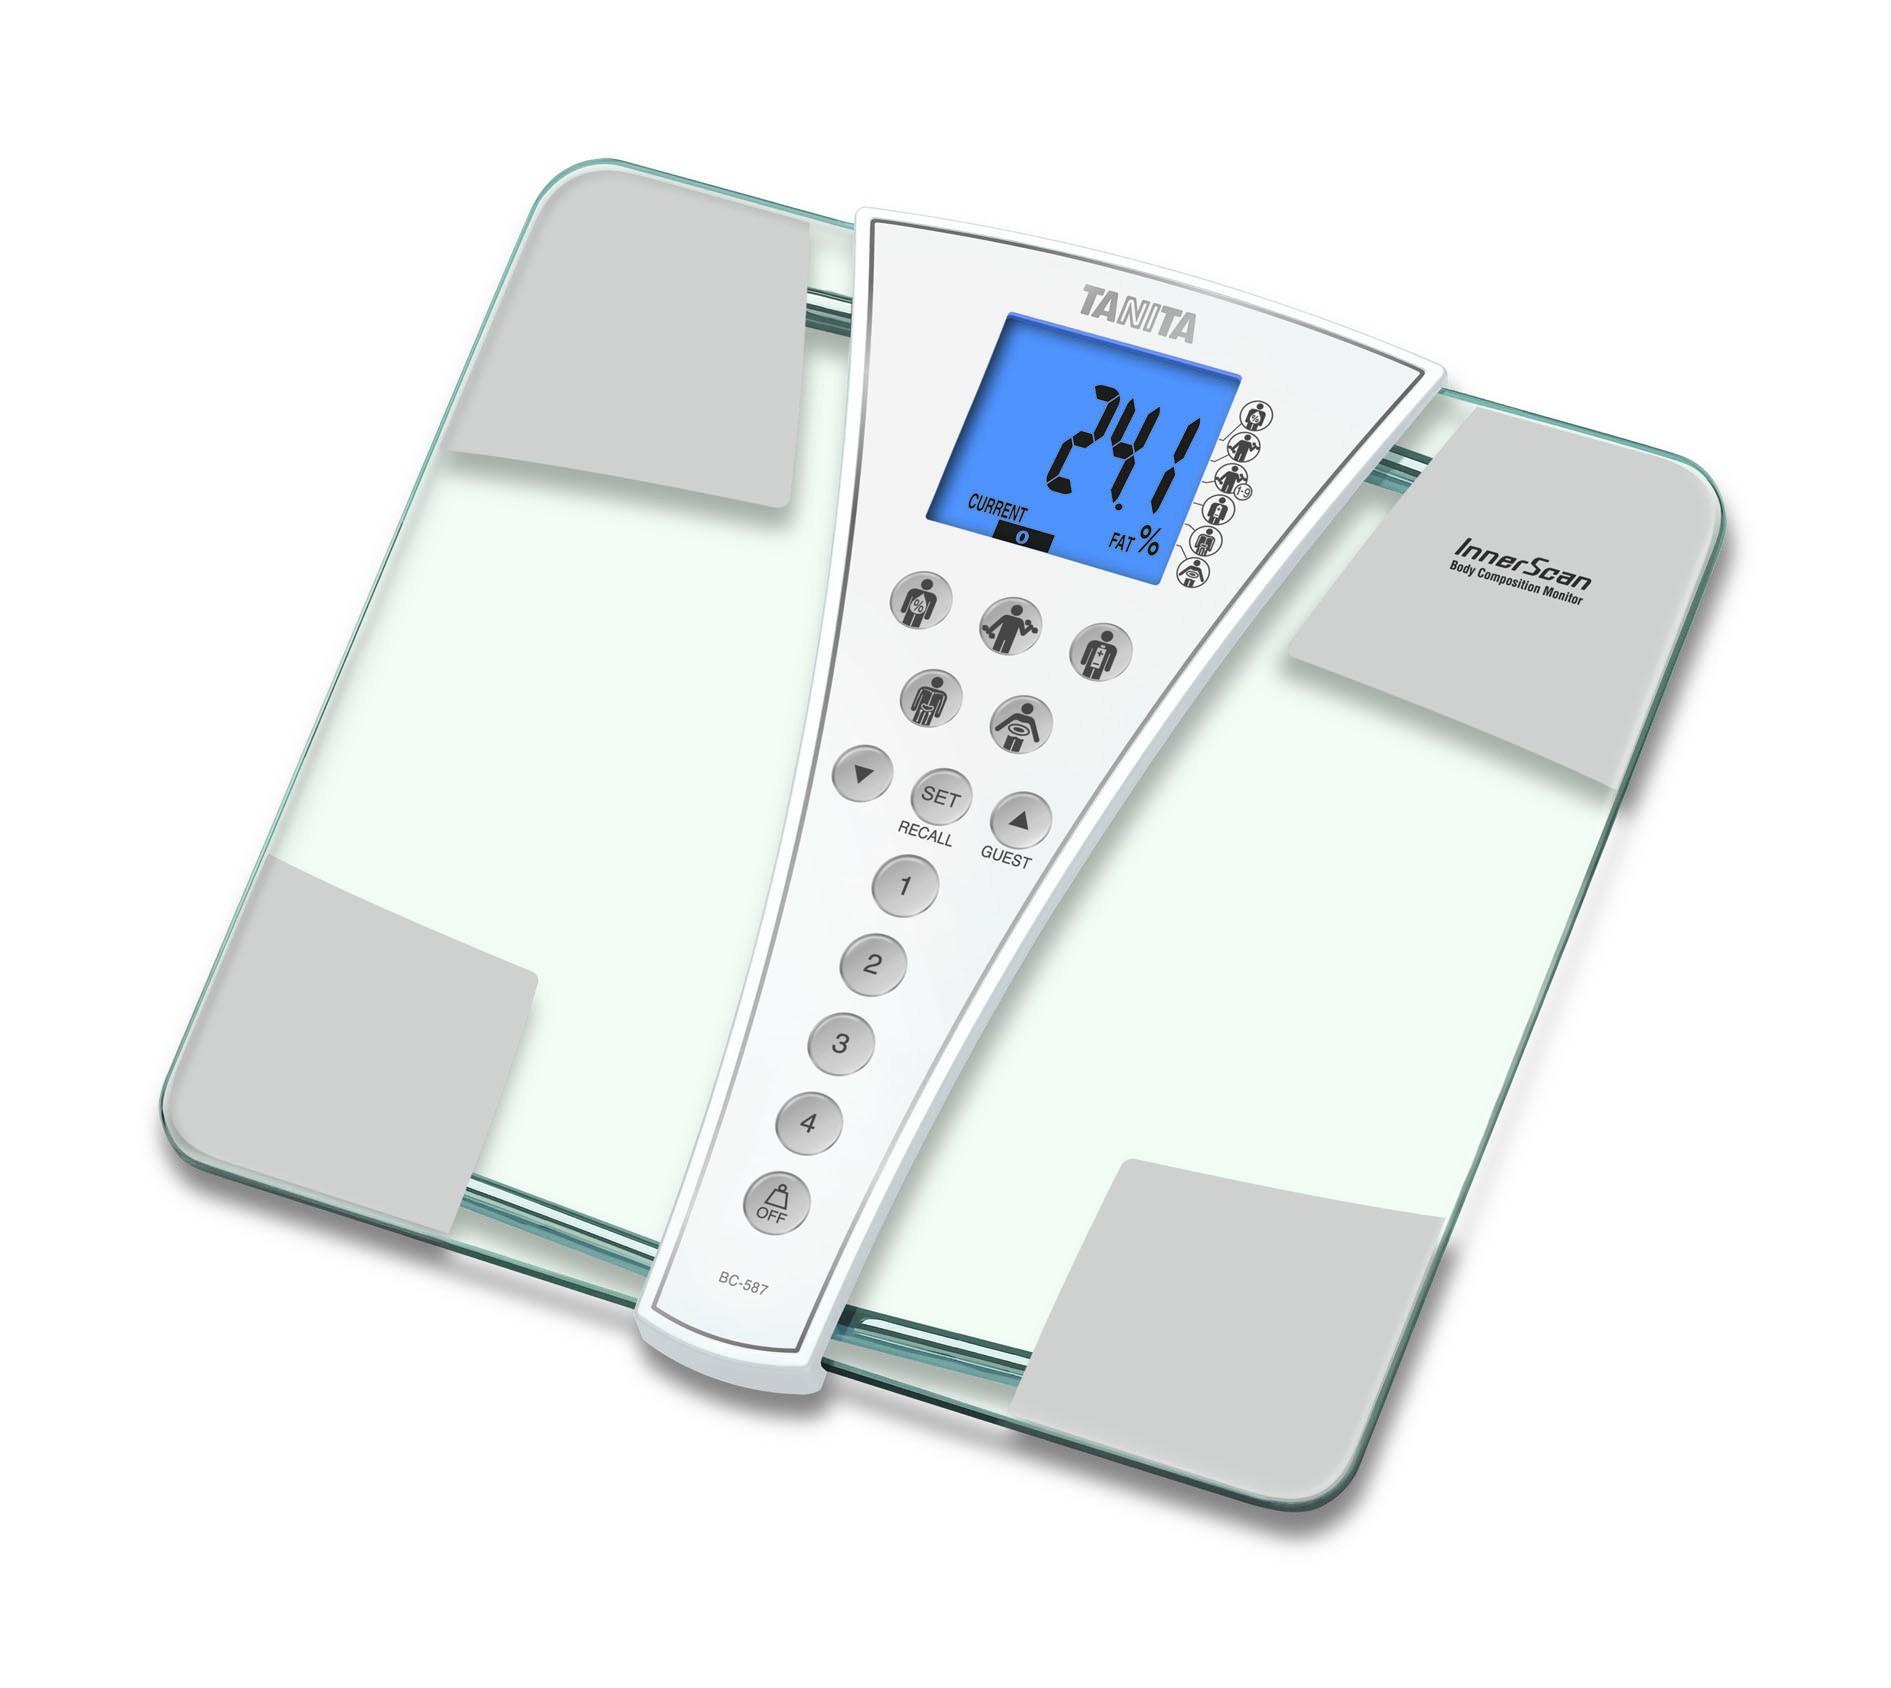 Osobní váha s tělesnou analýzou Tanita BC-587 (Osobní váha s tělesnou analýzou Tanita BC-587 pro domácí vážení)